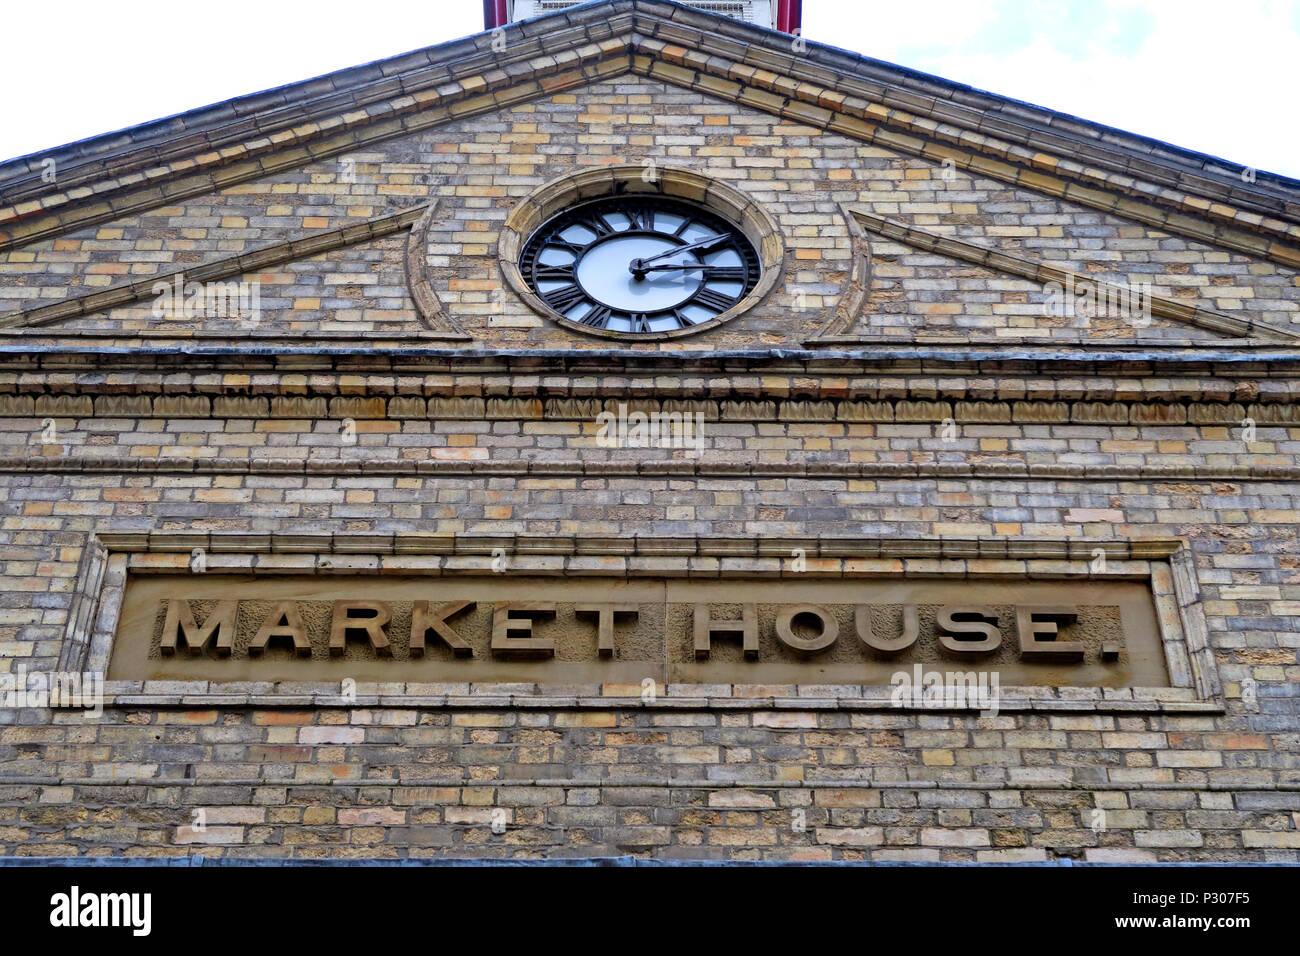 Laden Sie dieses Alamy Stockfoto Altrincham erfolgreichen Retail Town Market (ähnlich Borough Market), Trafford Rat, Greater Manchester, North West England, Großbritannien - P307F5